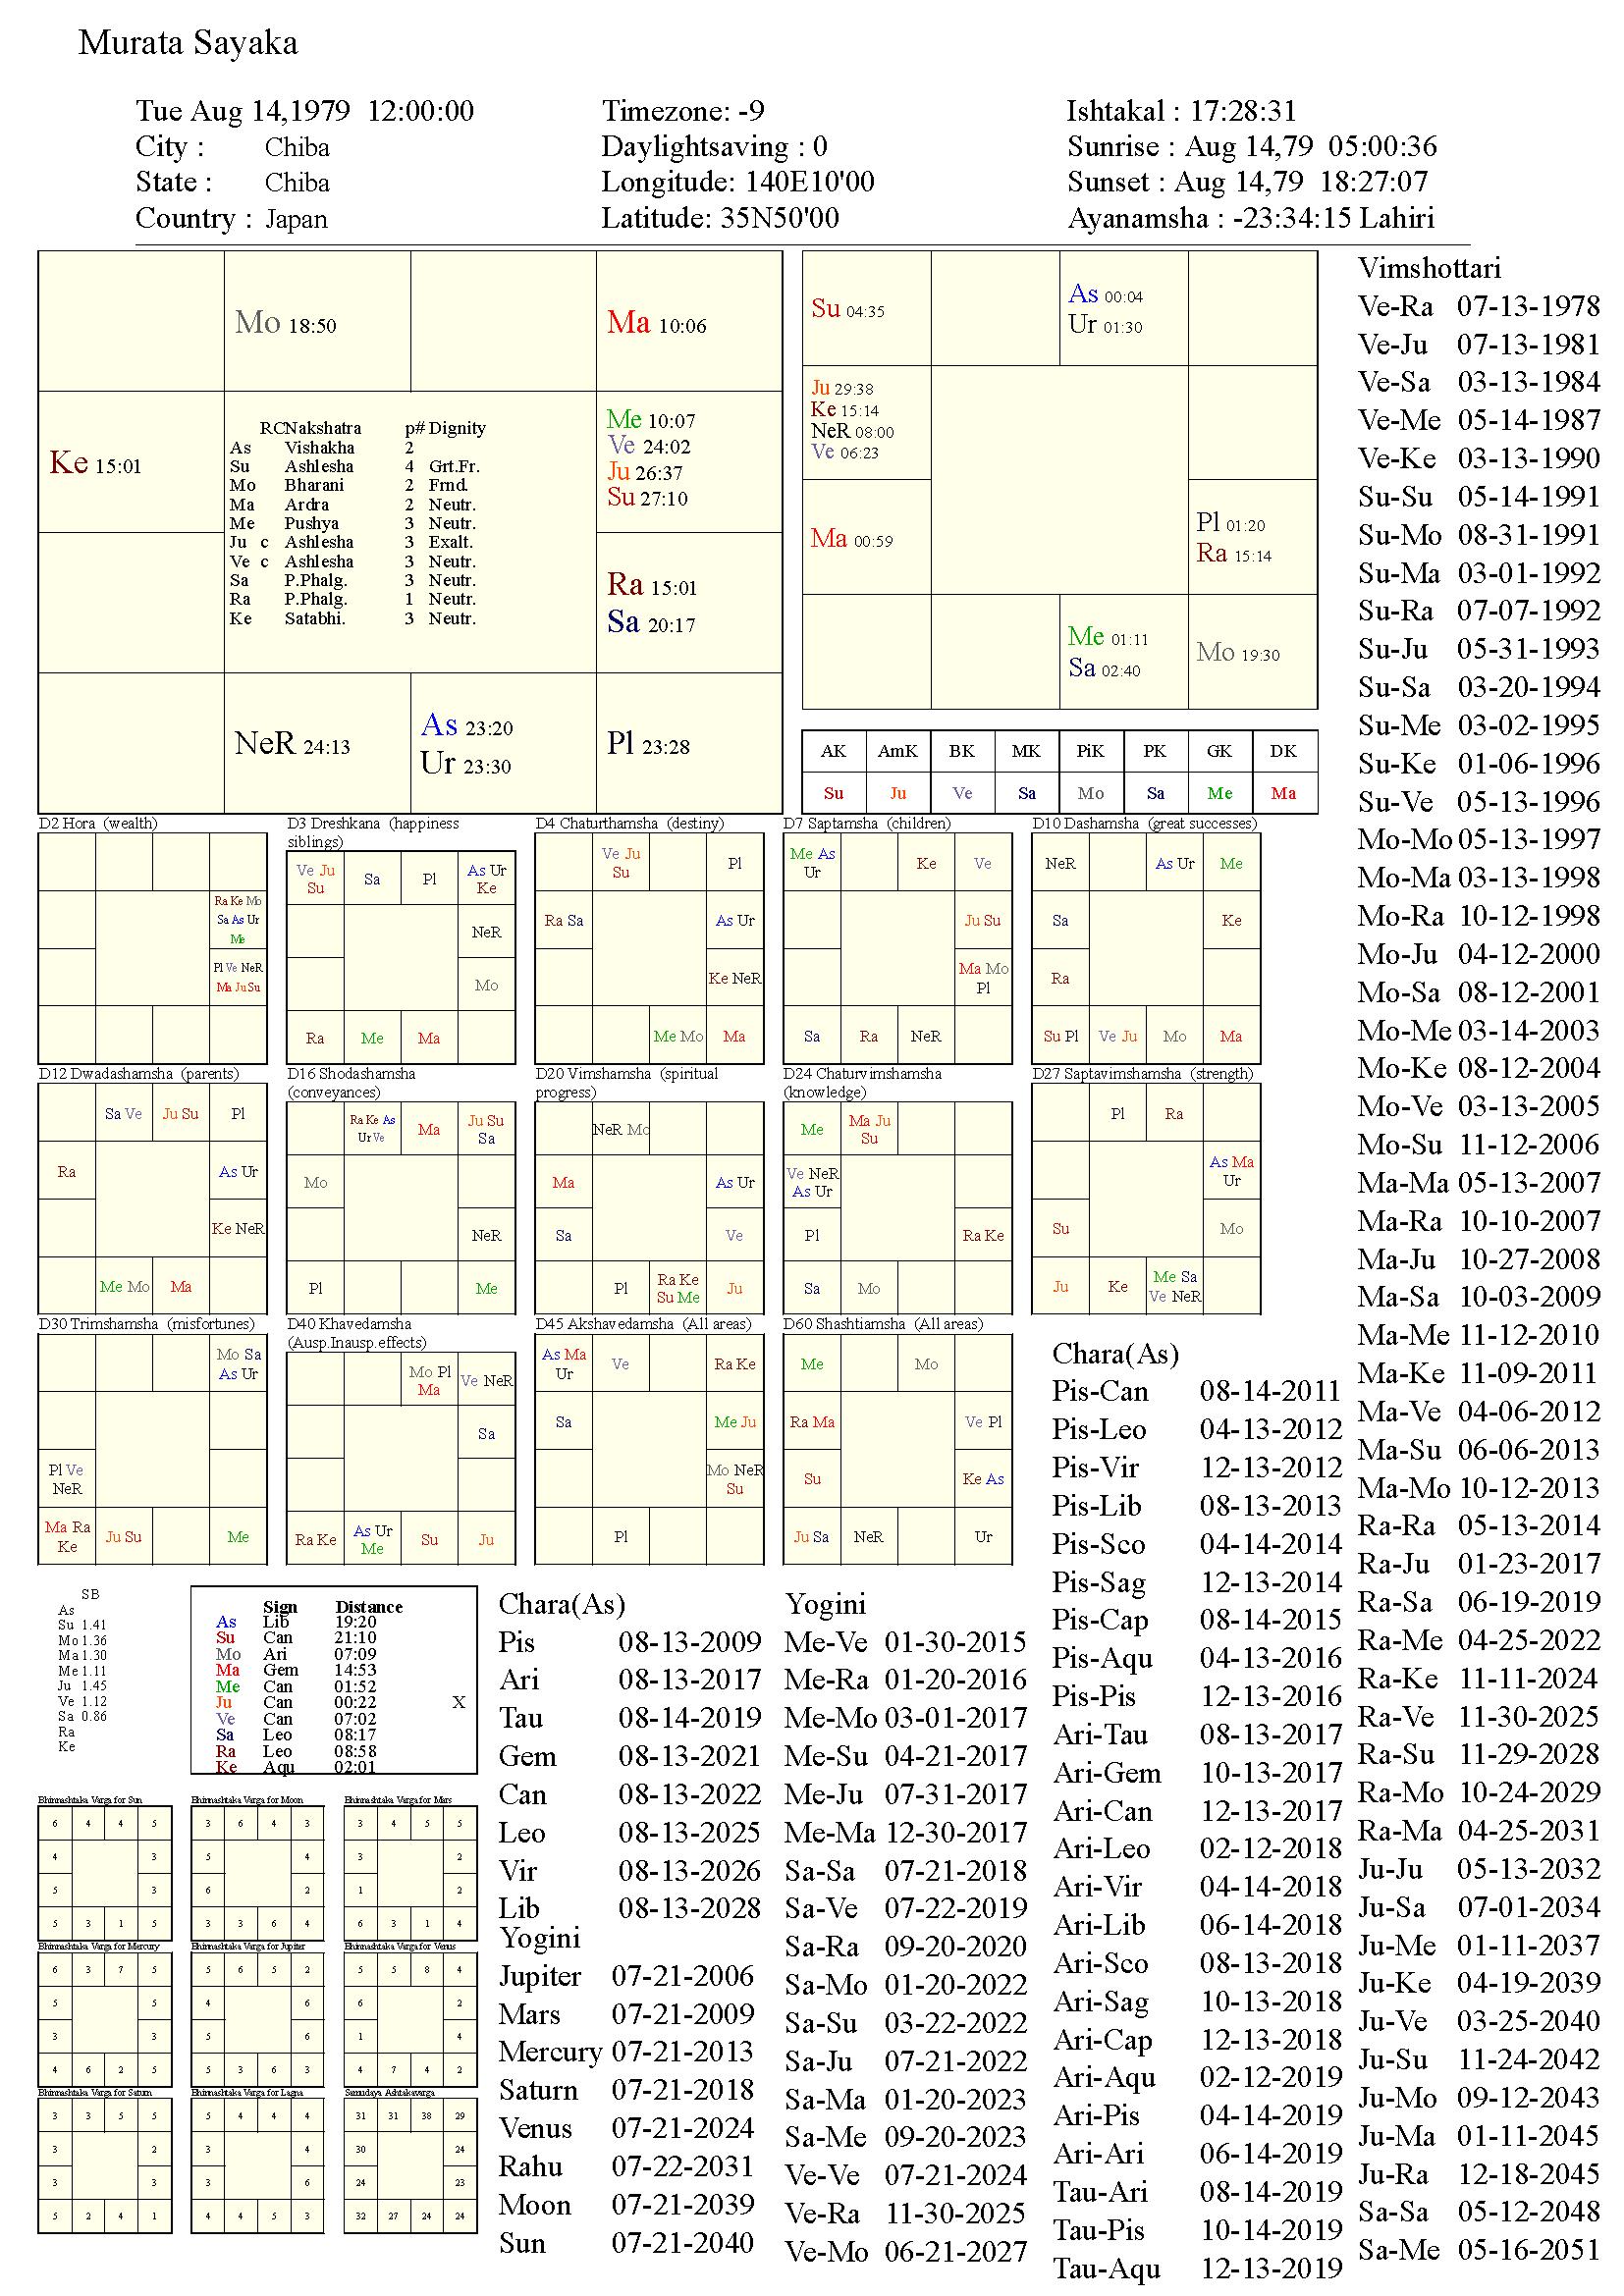 MurataSayaka_chart